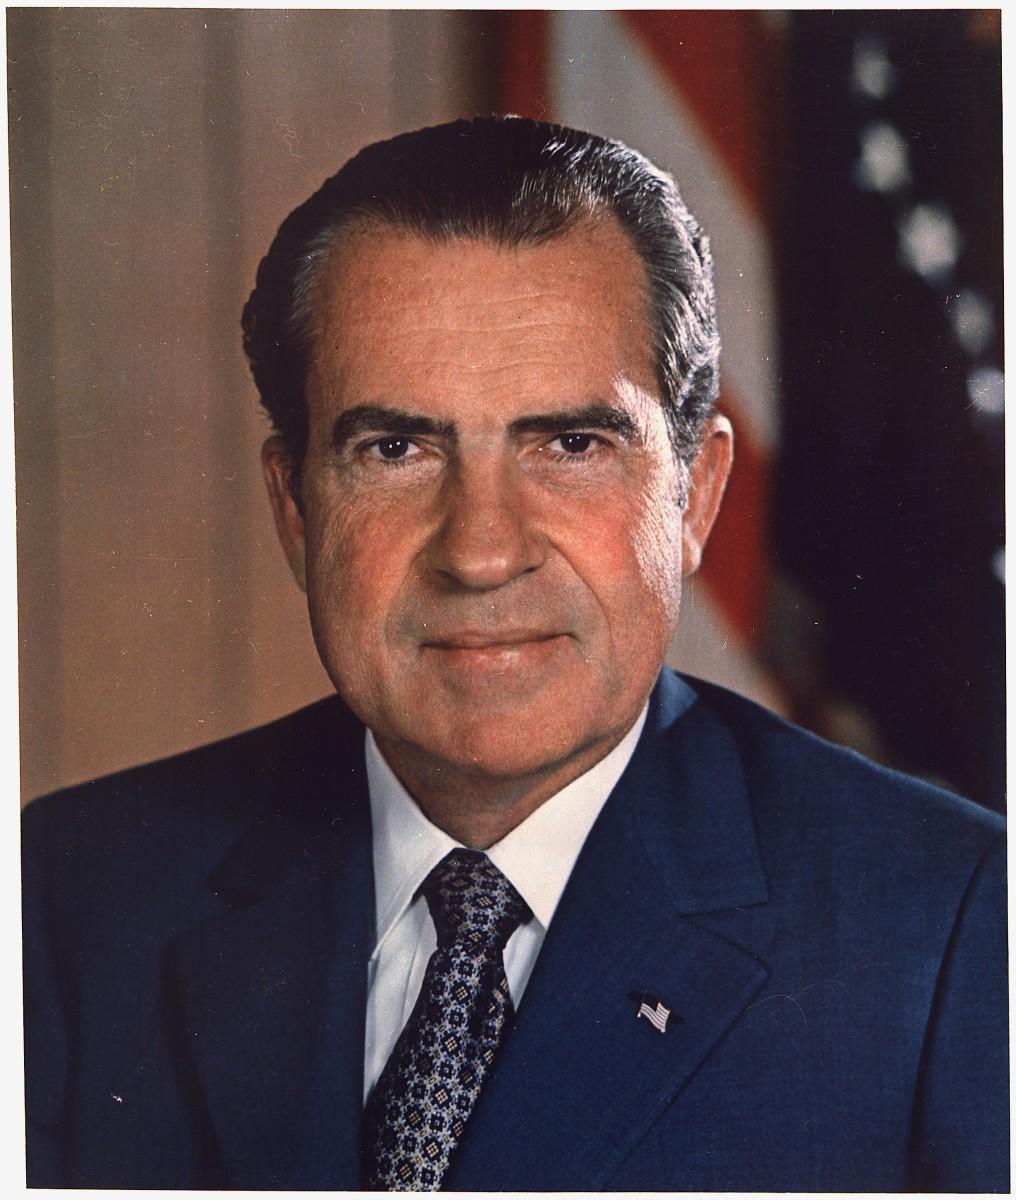 #37. Richard M. Nixon